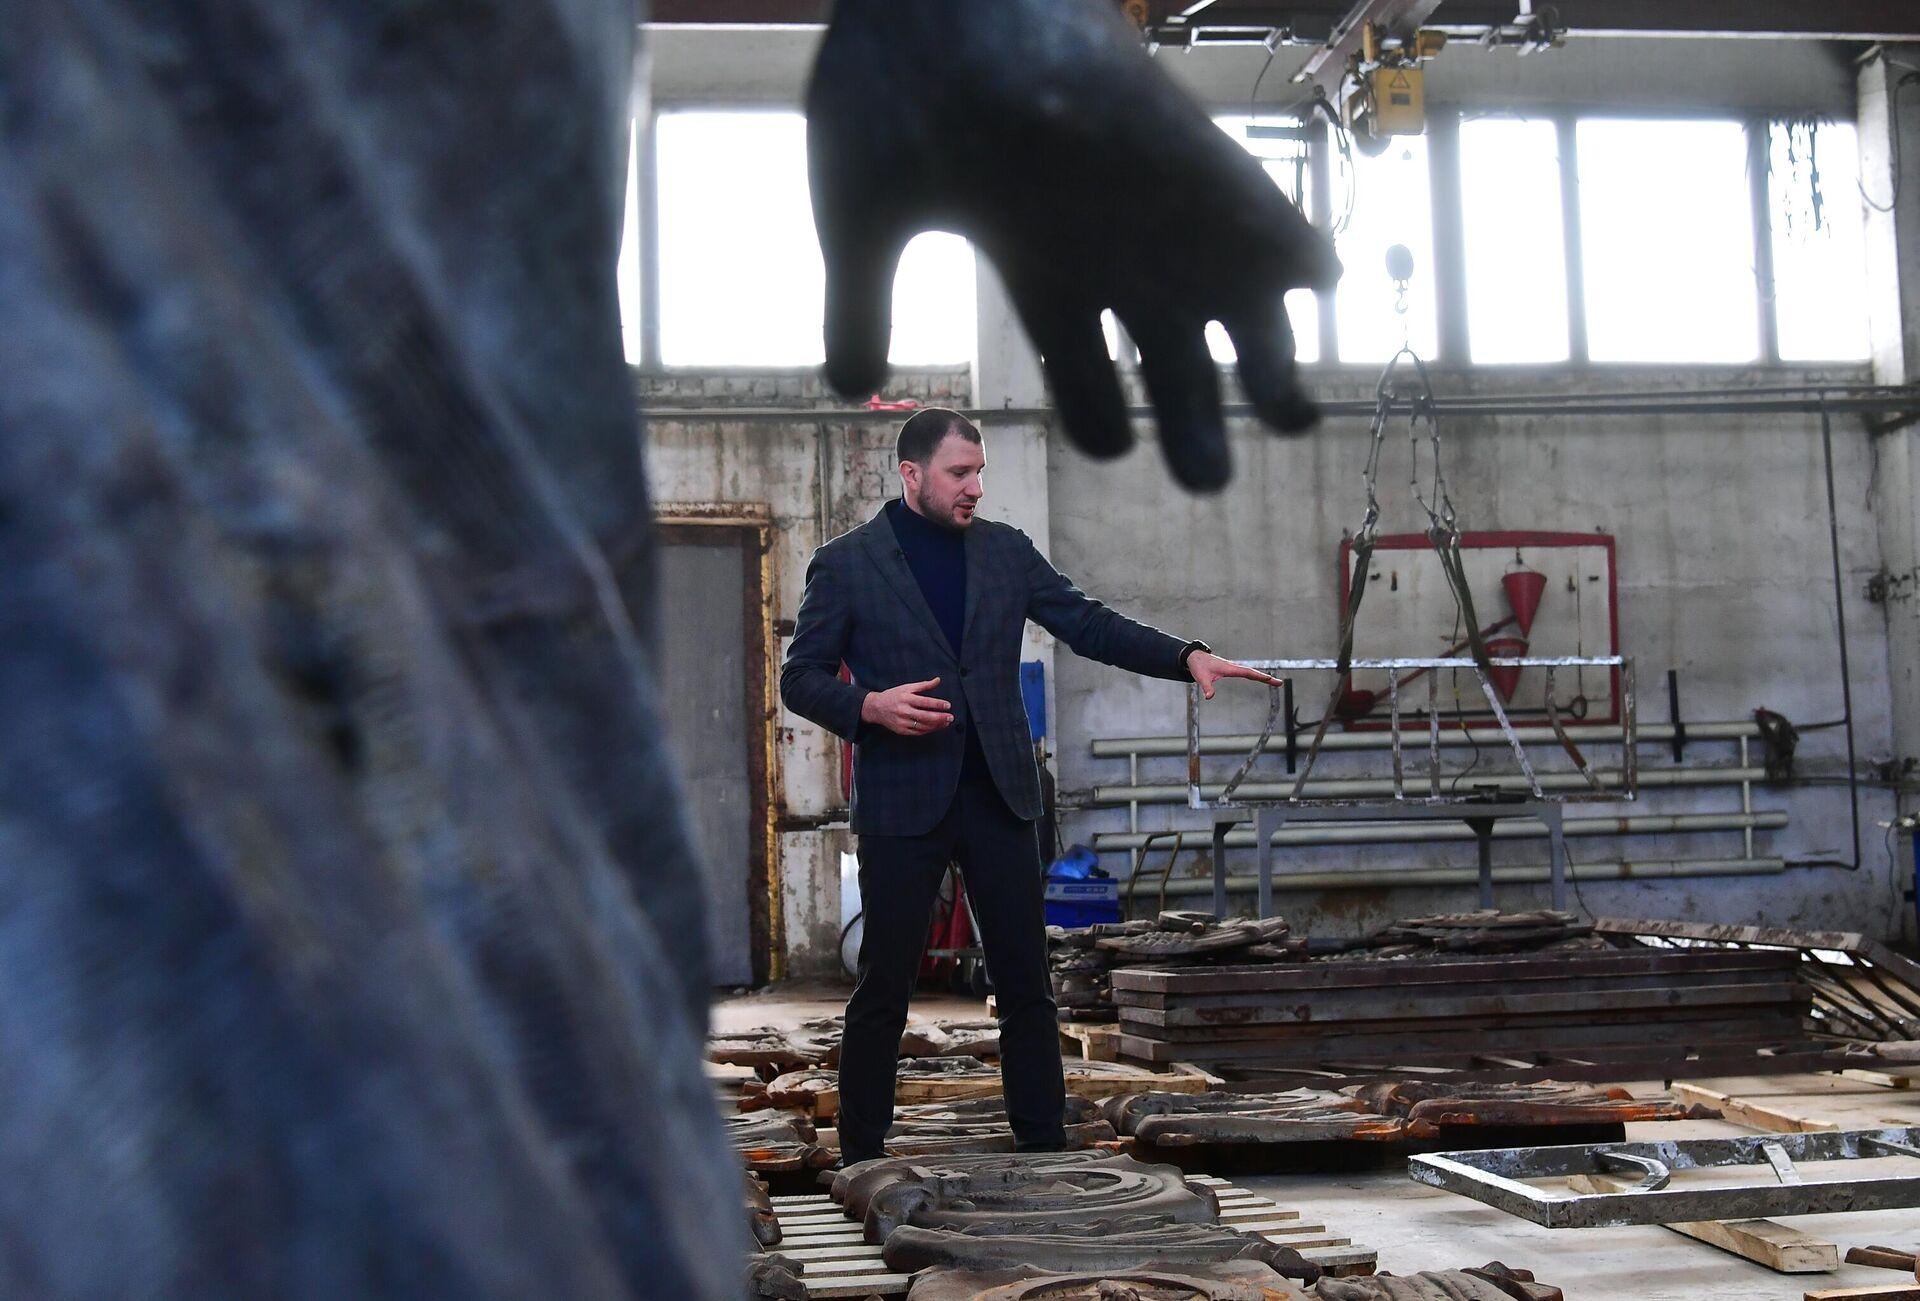 Реставрация чугунных ограждений и гранита с Большого Каменного моста - РИА Новости, 1920, 14.04.2021